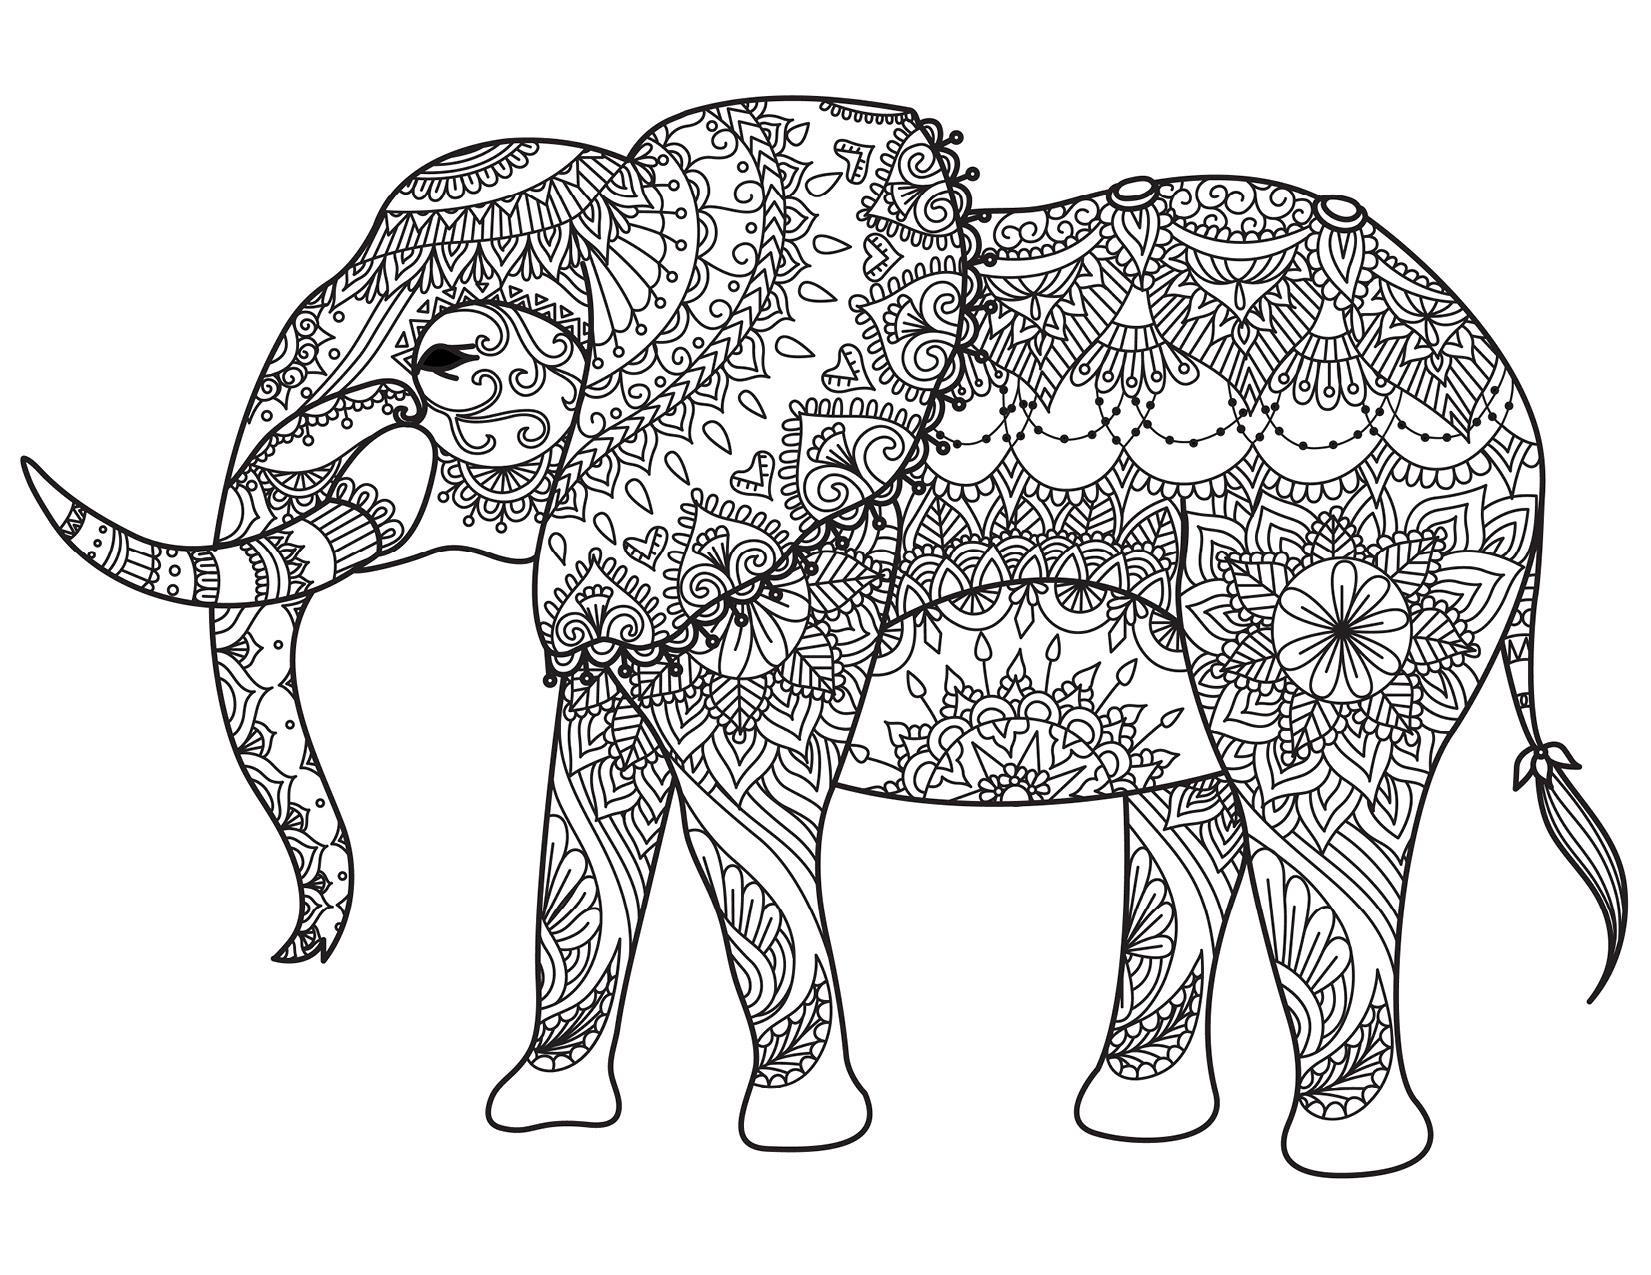 Coloriage animaux à imprimer pour adulte par Bimbimkha - Artherapie.ca